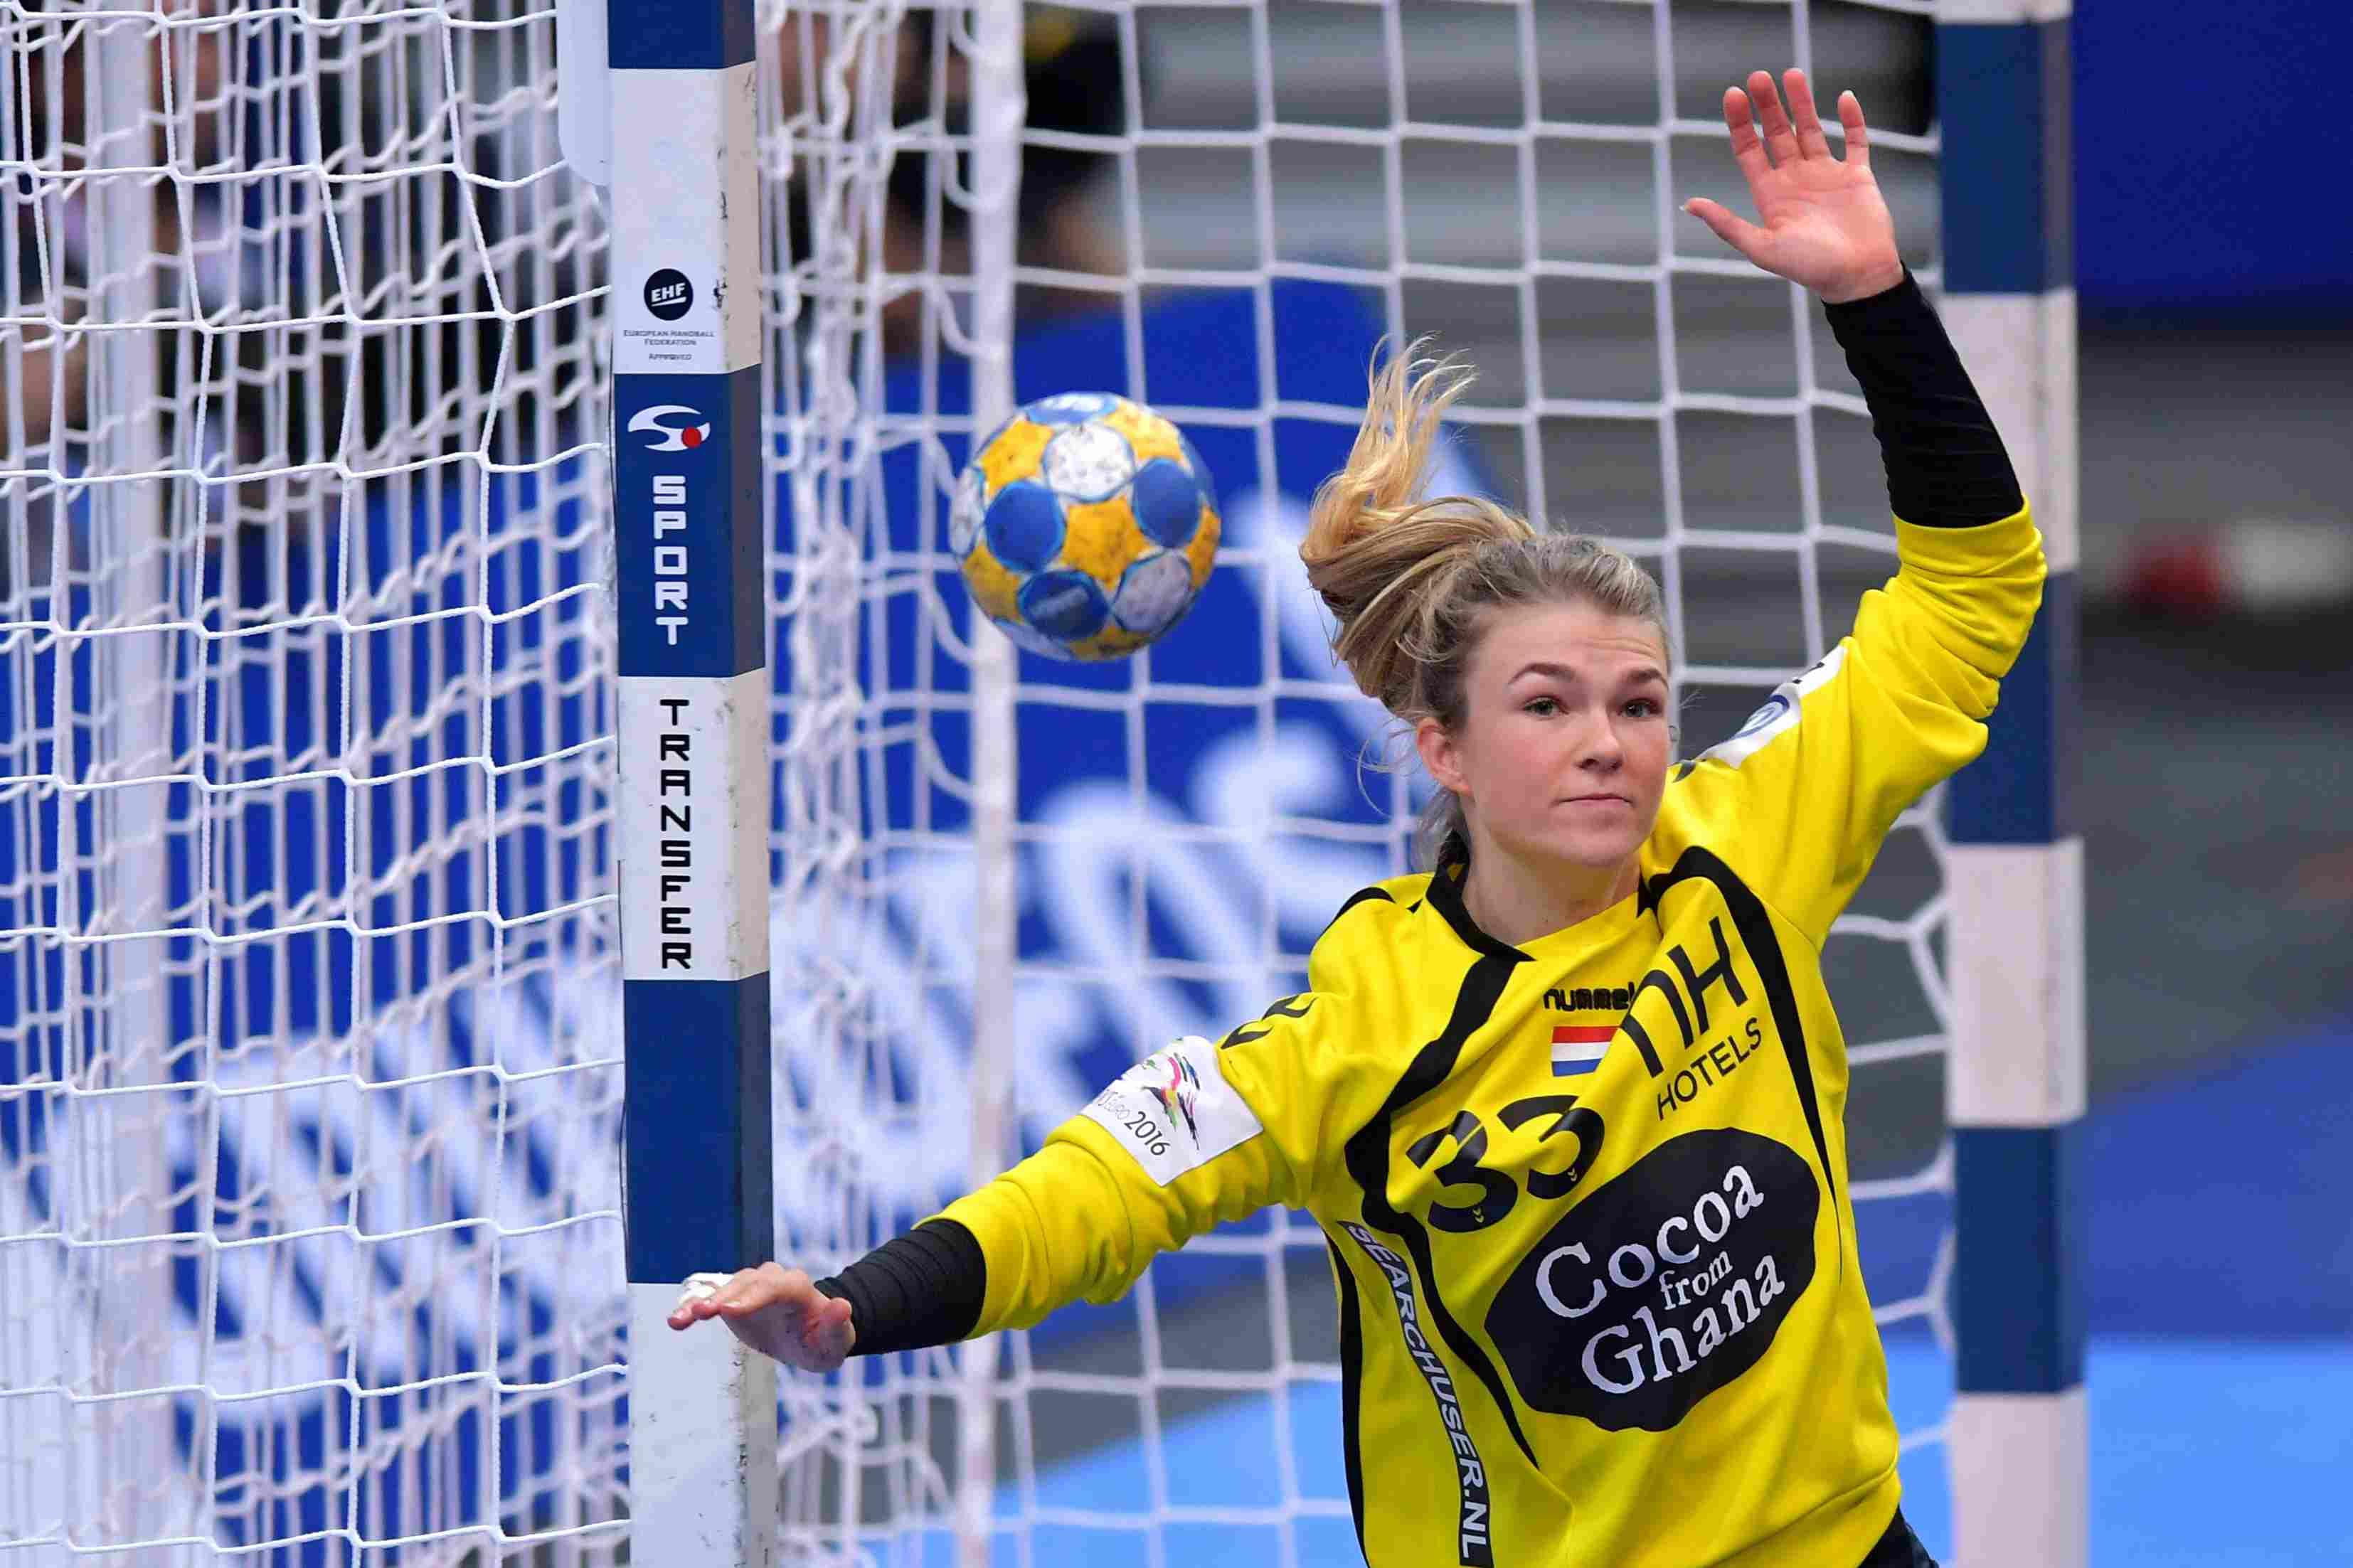 1-1-2016 HANDBAL:NEDERLAND-DENEMARKEN:GOTEBORG Dames EK Handbal In Zweden, Halve Finale NEDERLAND - Denemarken Tess Wester #33 (NED)  Foto: Henk Seppen